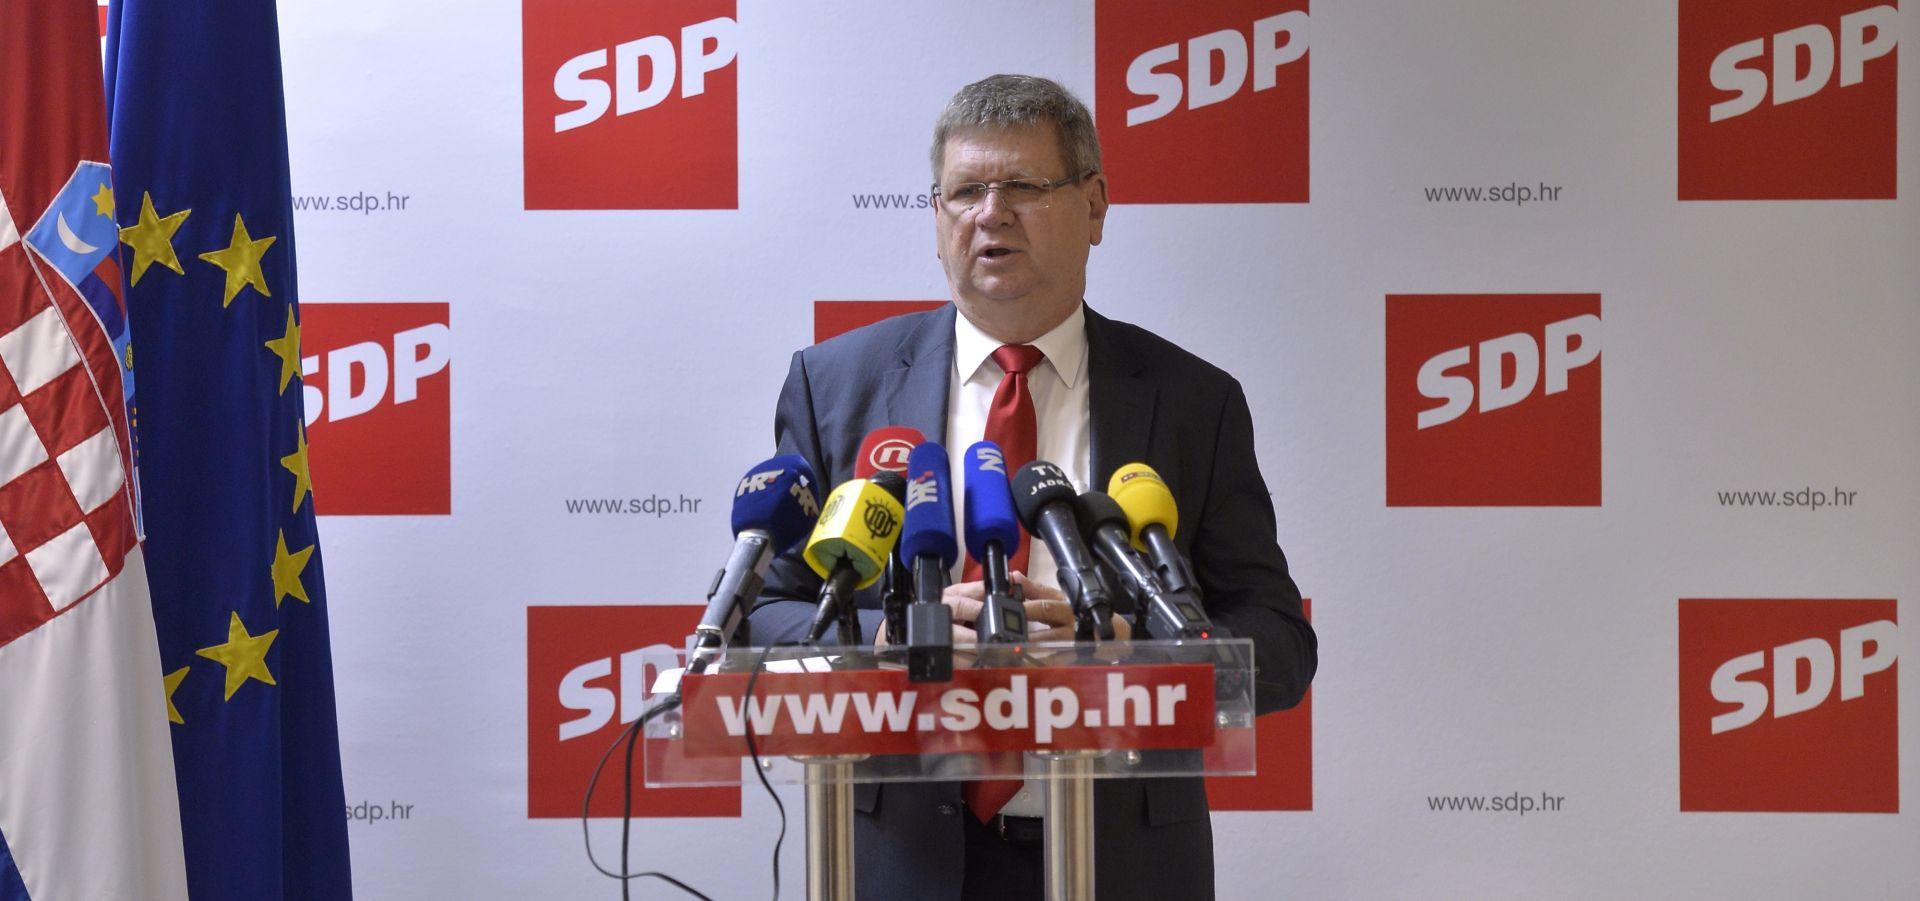 MIRANDO MRSIĆ: 'HDZ je lagao mladim ljudima i onemogućio im da dobiju posao u Hrvatskoj'